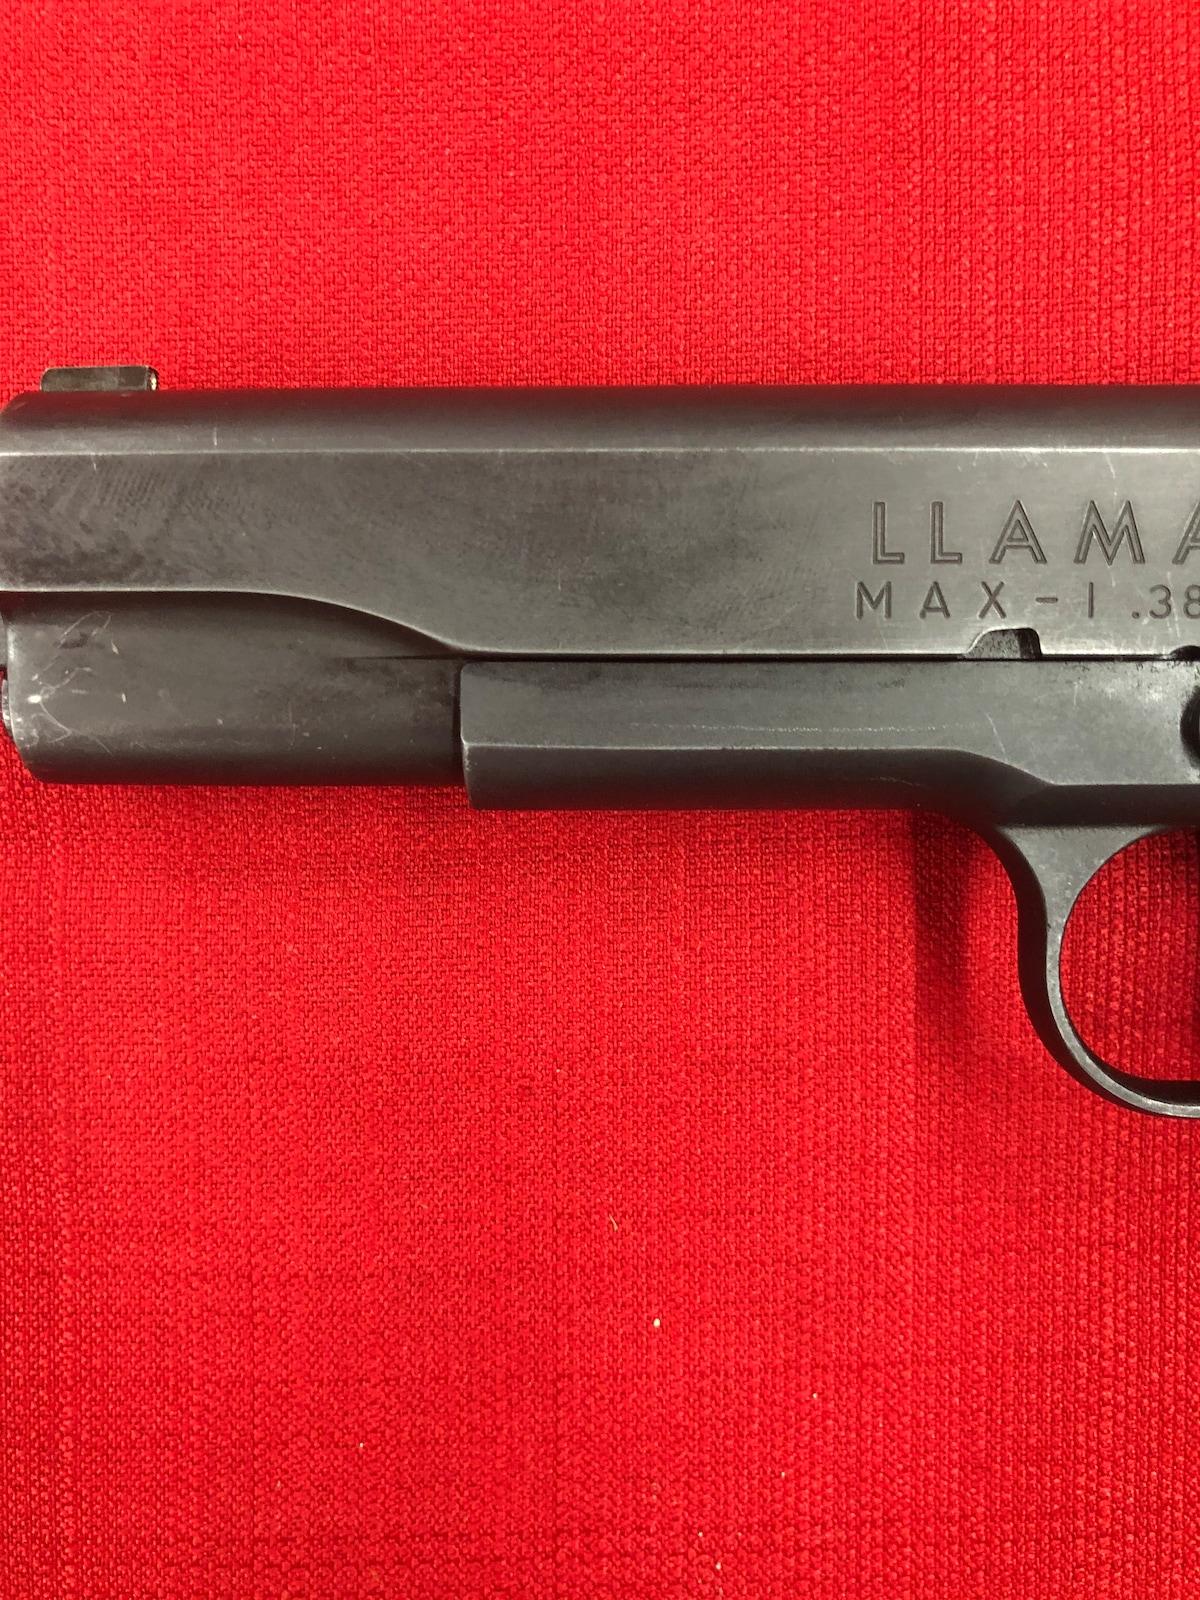 LLAMA LLAMA MAX-1